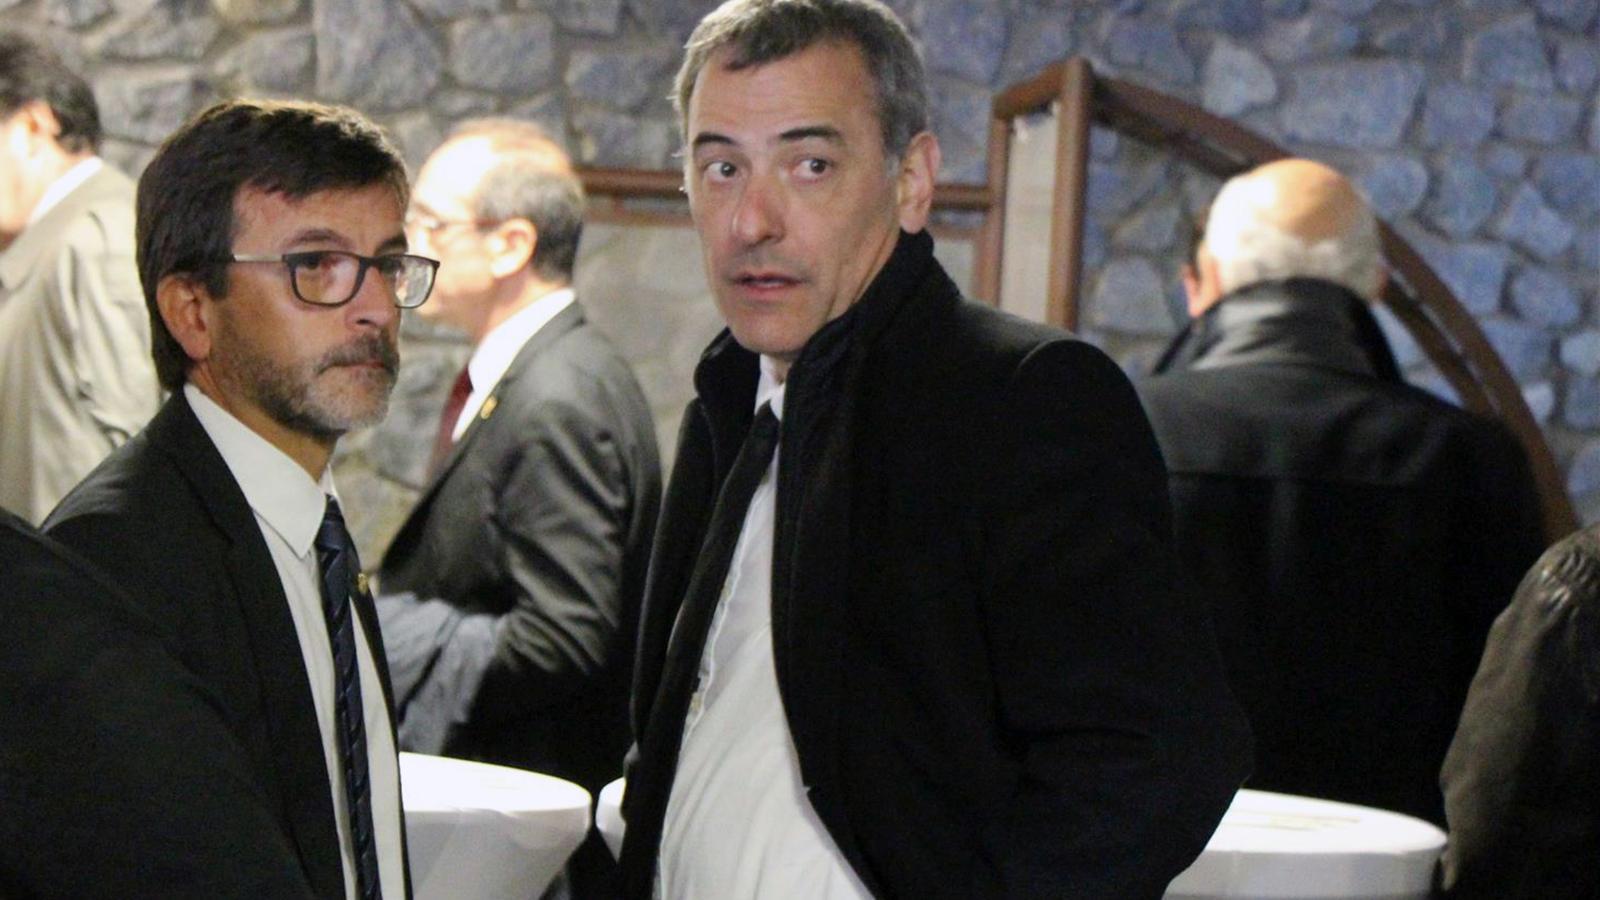 El ministre de Finances, Jordi Cinca, conversa amb el cònsol menor de Canillo, David Palmitjavila, durant la sessió tradicional del Consell General en motiu del dia de la Constitució. / L. M. (ANA)